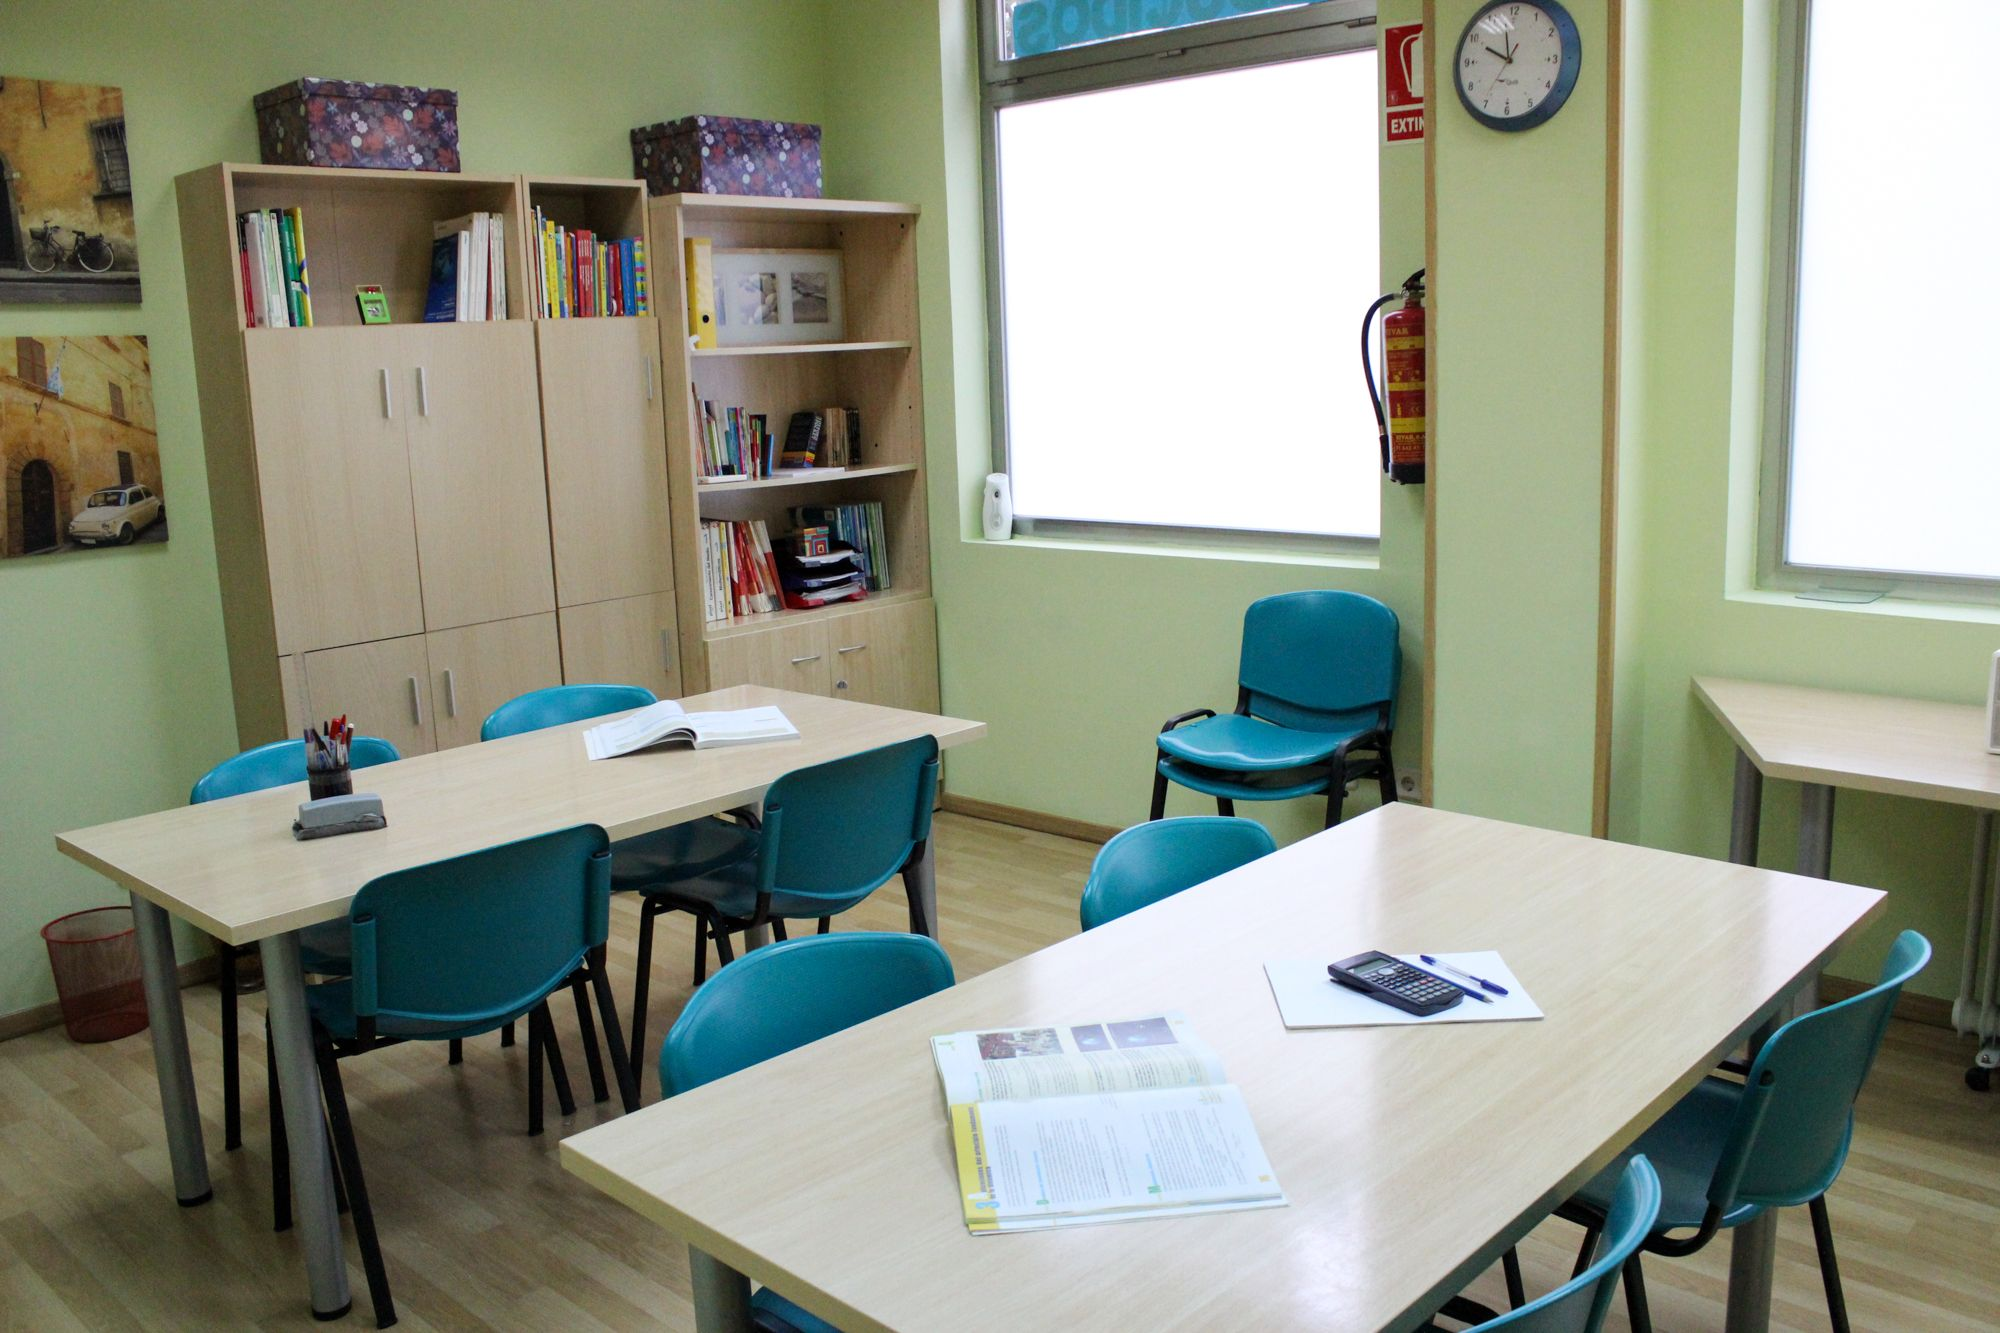 Foto 2 de Gabinete multidisciplinar de psicología y reeducación en Parla | Gabinete Psicopedagógico Estímulo